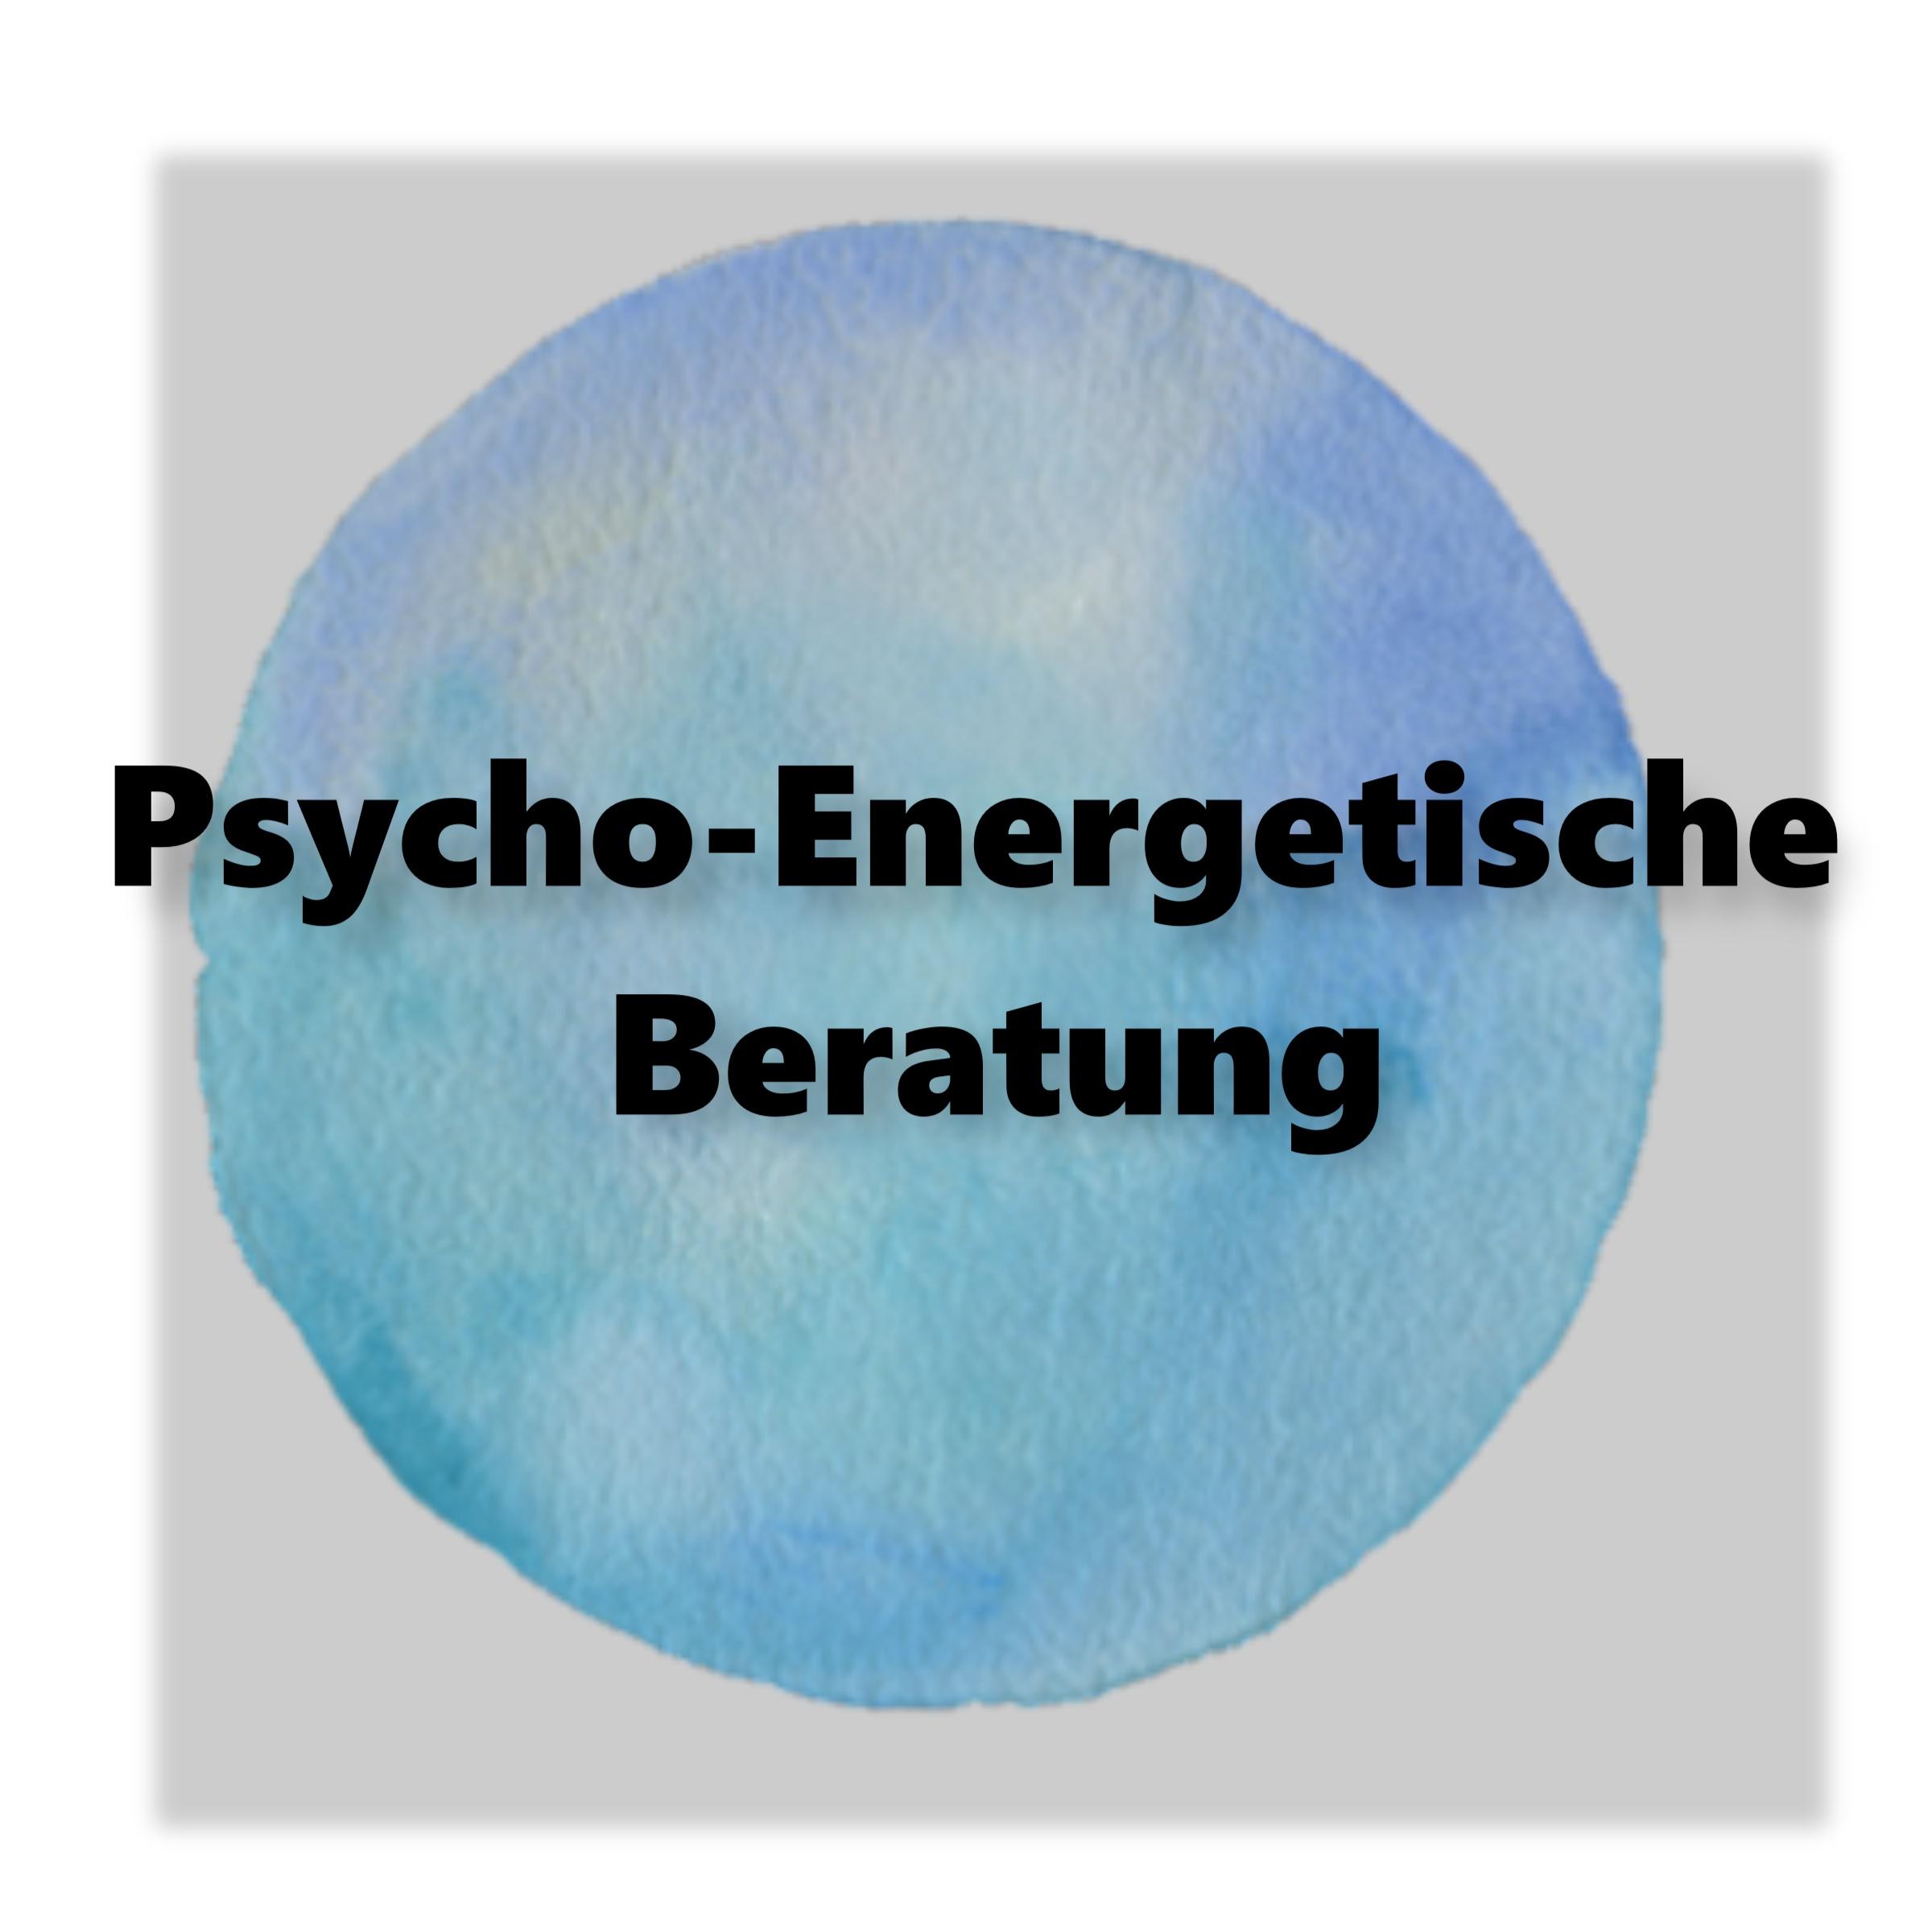 Psycho-Energetische Beratung